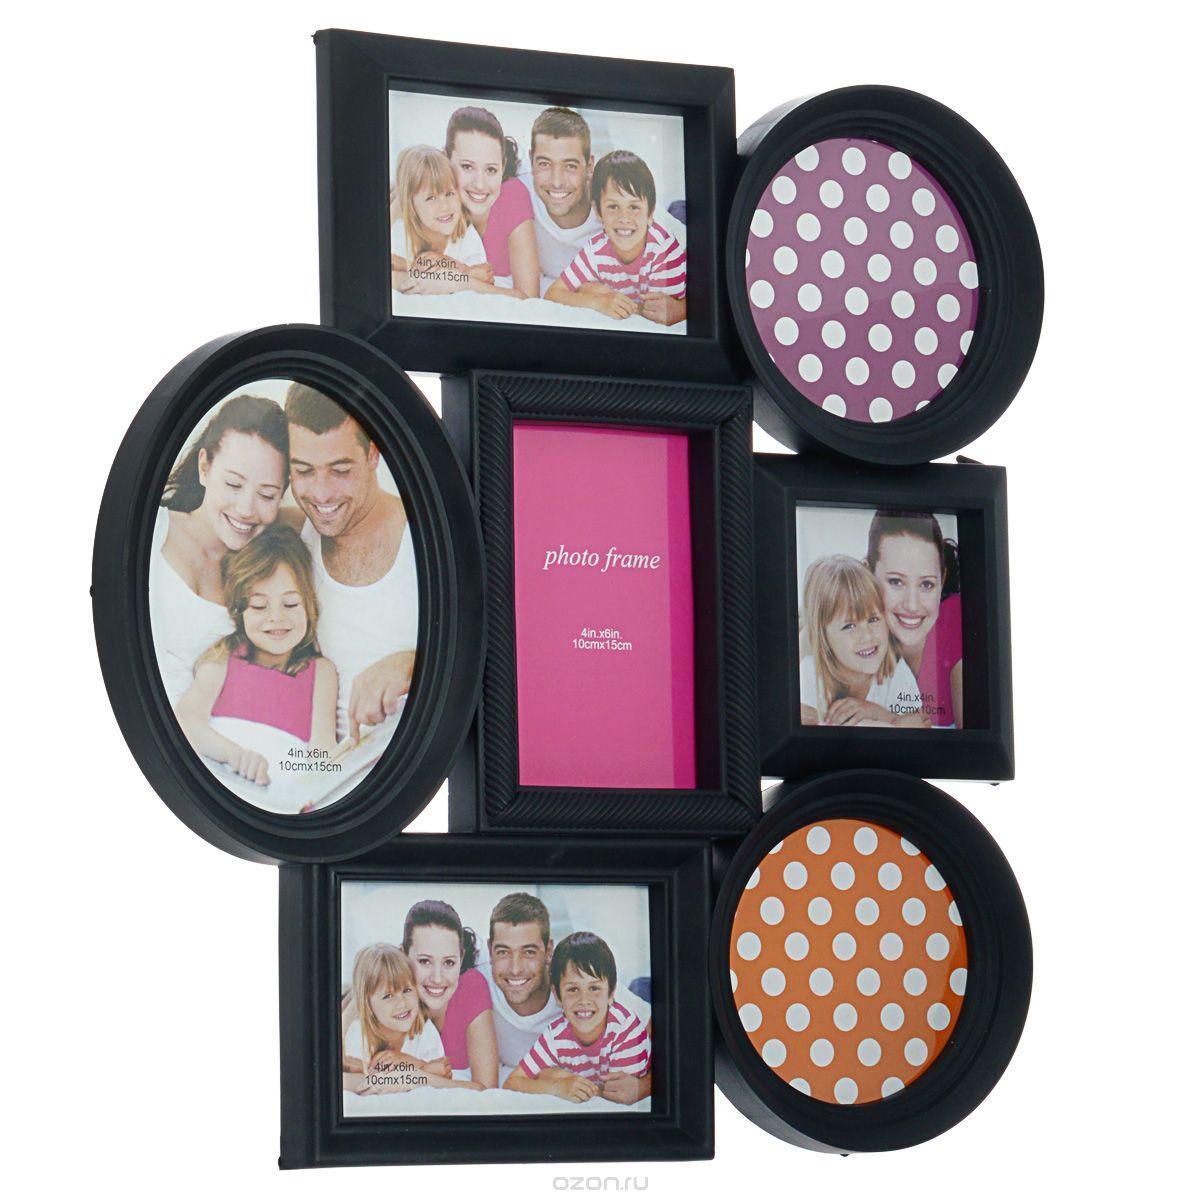 Фоторамка Image Art, цвет: черный, на 7 фото. 50553986895235055398689523Фоторамка-коллаж Image Art - прекрасный способ красиво оформить ваши фотографии. Изделие рассчитано на 7 фотографий. Фоторамка выполнена из высококачественного пластика. Фоторамку можно подвесить на стену, для чего с задней стороны предусмотрены специальные отверстия. Такая фоторамка поможет сохранить на память самые яркие моменты вашей жизни, а стильный дизайн сделает ее прекрасным дополнением интерьера. Размер фотографий: 10 см х 15 см; 10 см х 15 см; 10 см х 15 см; 10 см х 15 см; 10 см х 10 см; 13 см х 13 см; 13 см х 13 см.